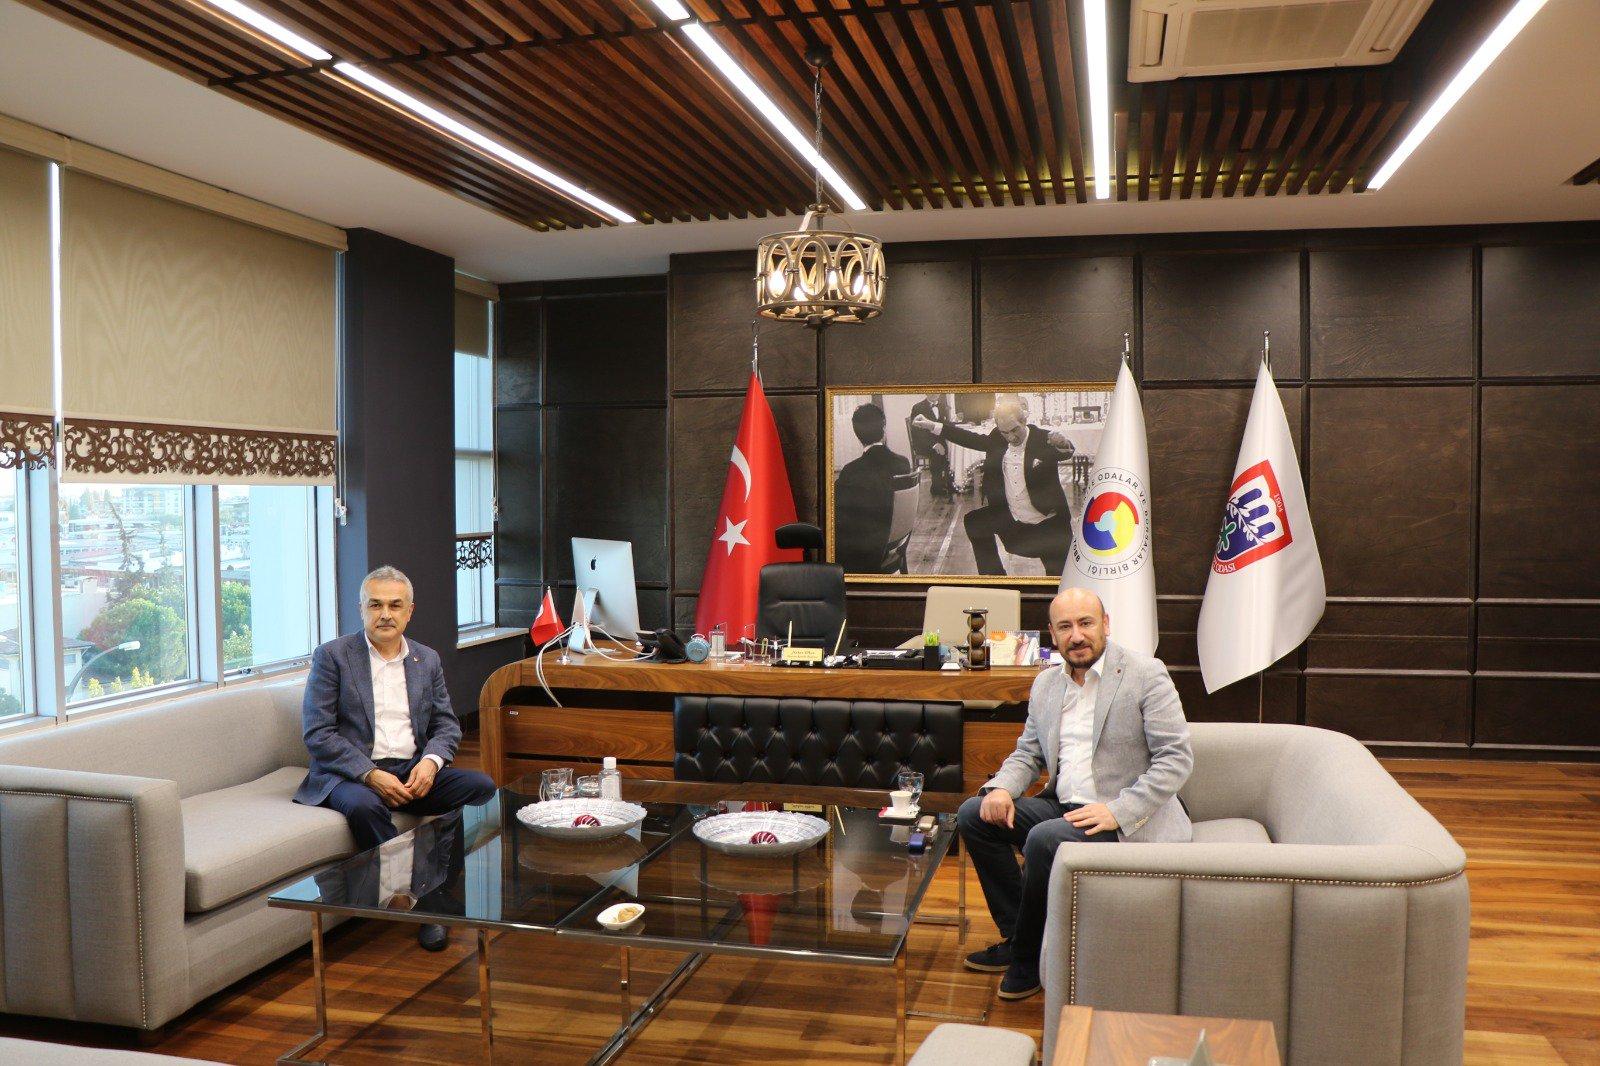 AK Parti Aydın Milletvekili Sayın Mustafa SAVAŞ, TOBB Yönetim Kurulu Üyesi ve Aydın Ticaret Odası Başkanı Hakan ÜLKEN'i makamında ziyaret etti.